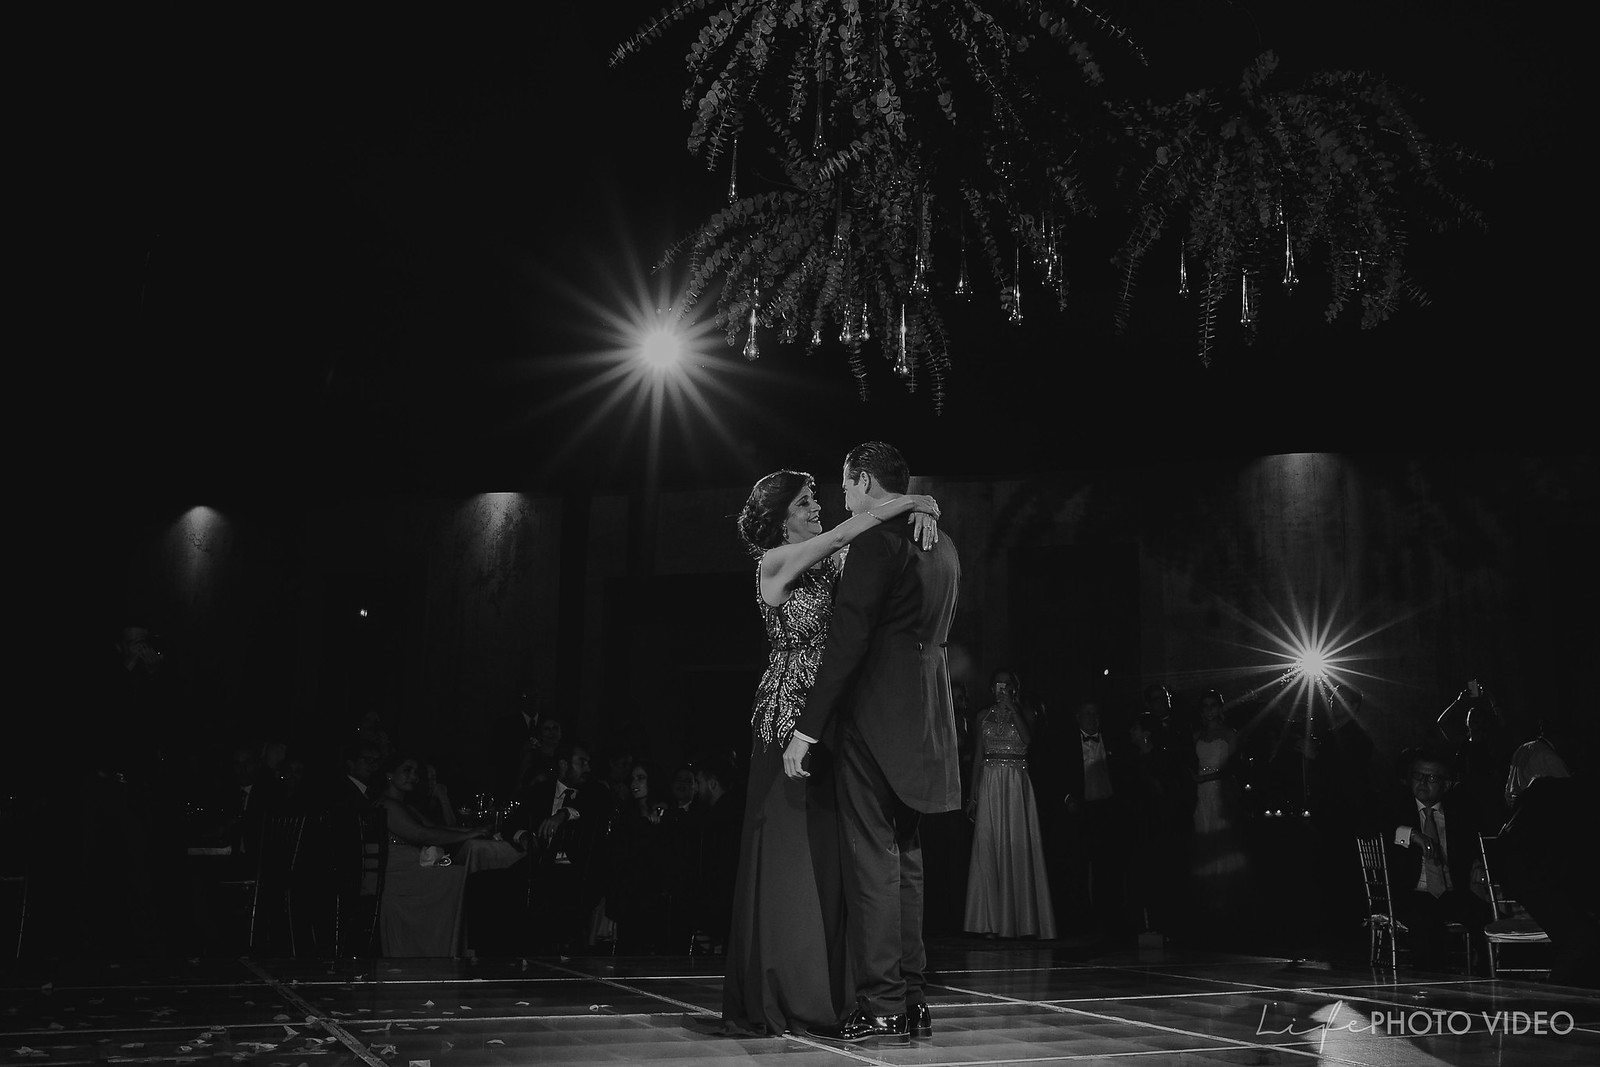 Boda_Leon_Guanajuato_Wedding_0090